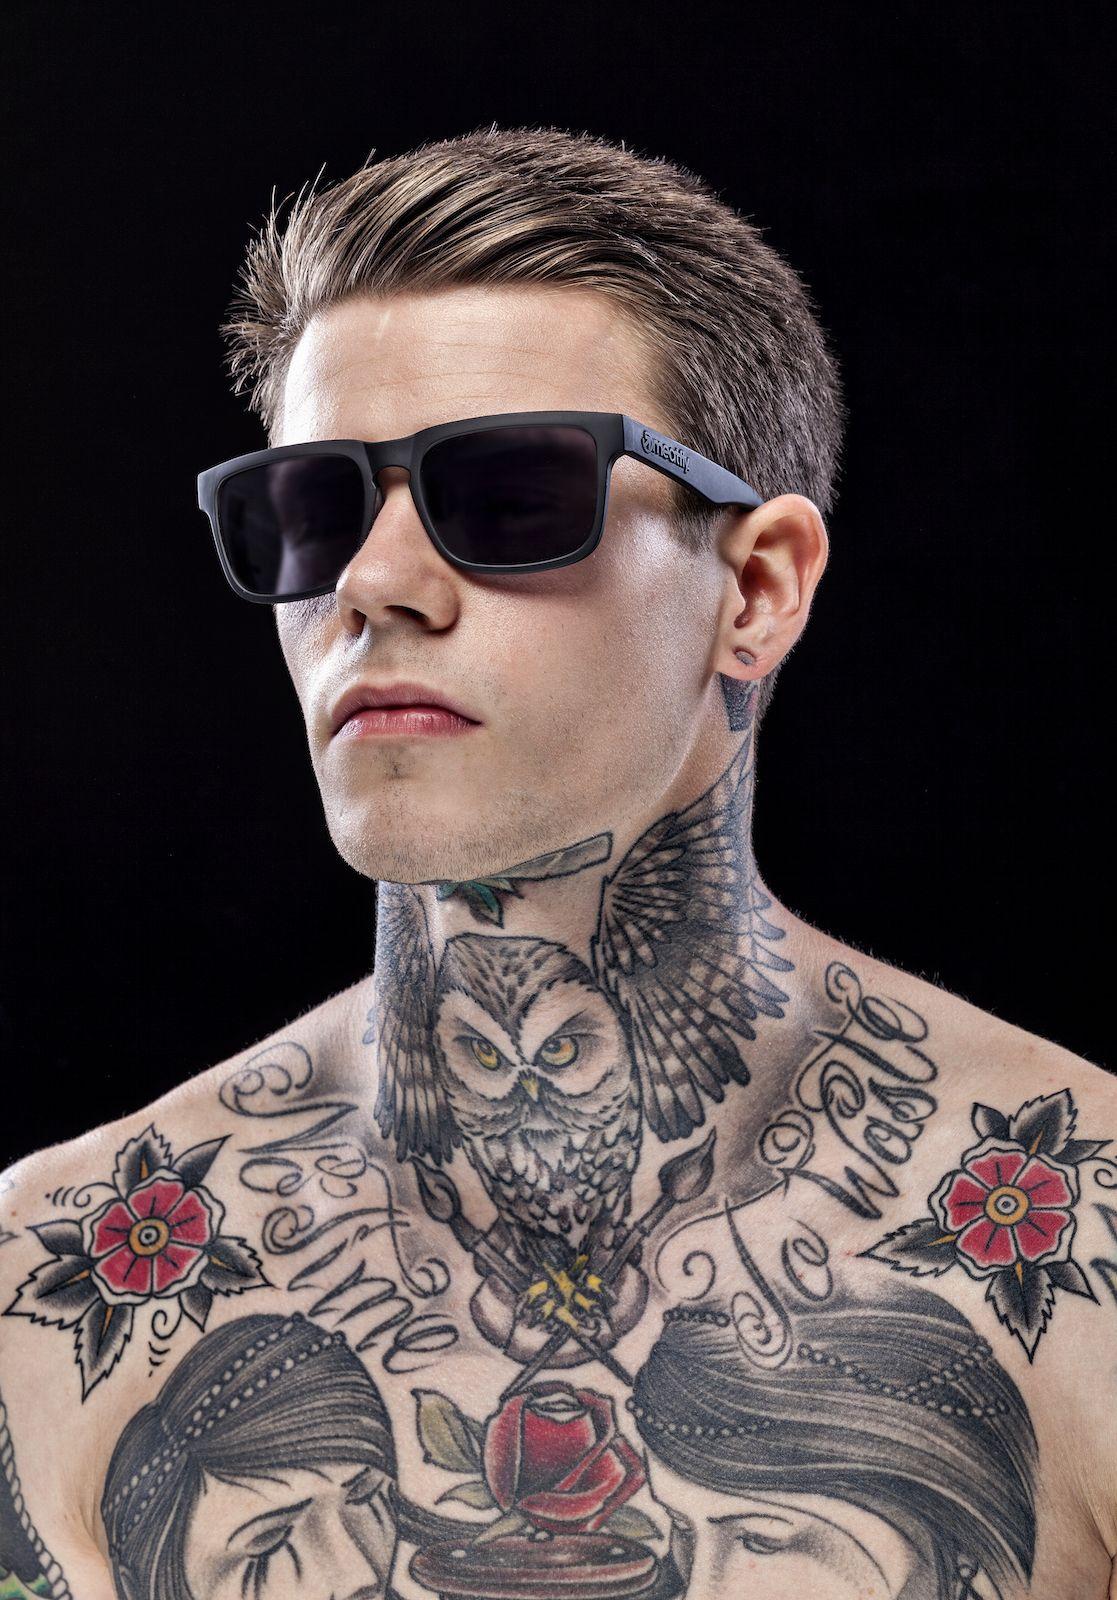 Jaw Line Tattoos: MEATFLY SUNRISE SUNGLASSES 2015 Model: Lenert